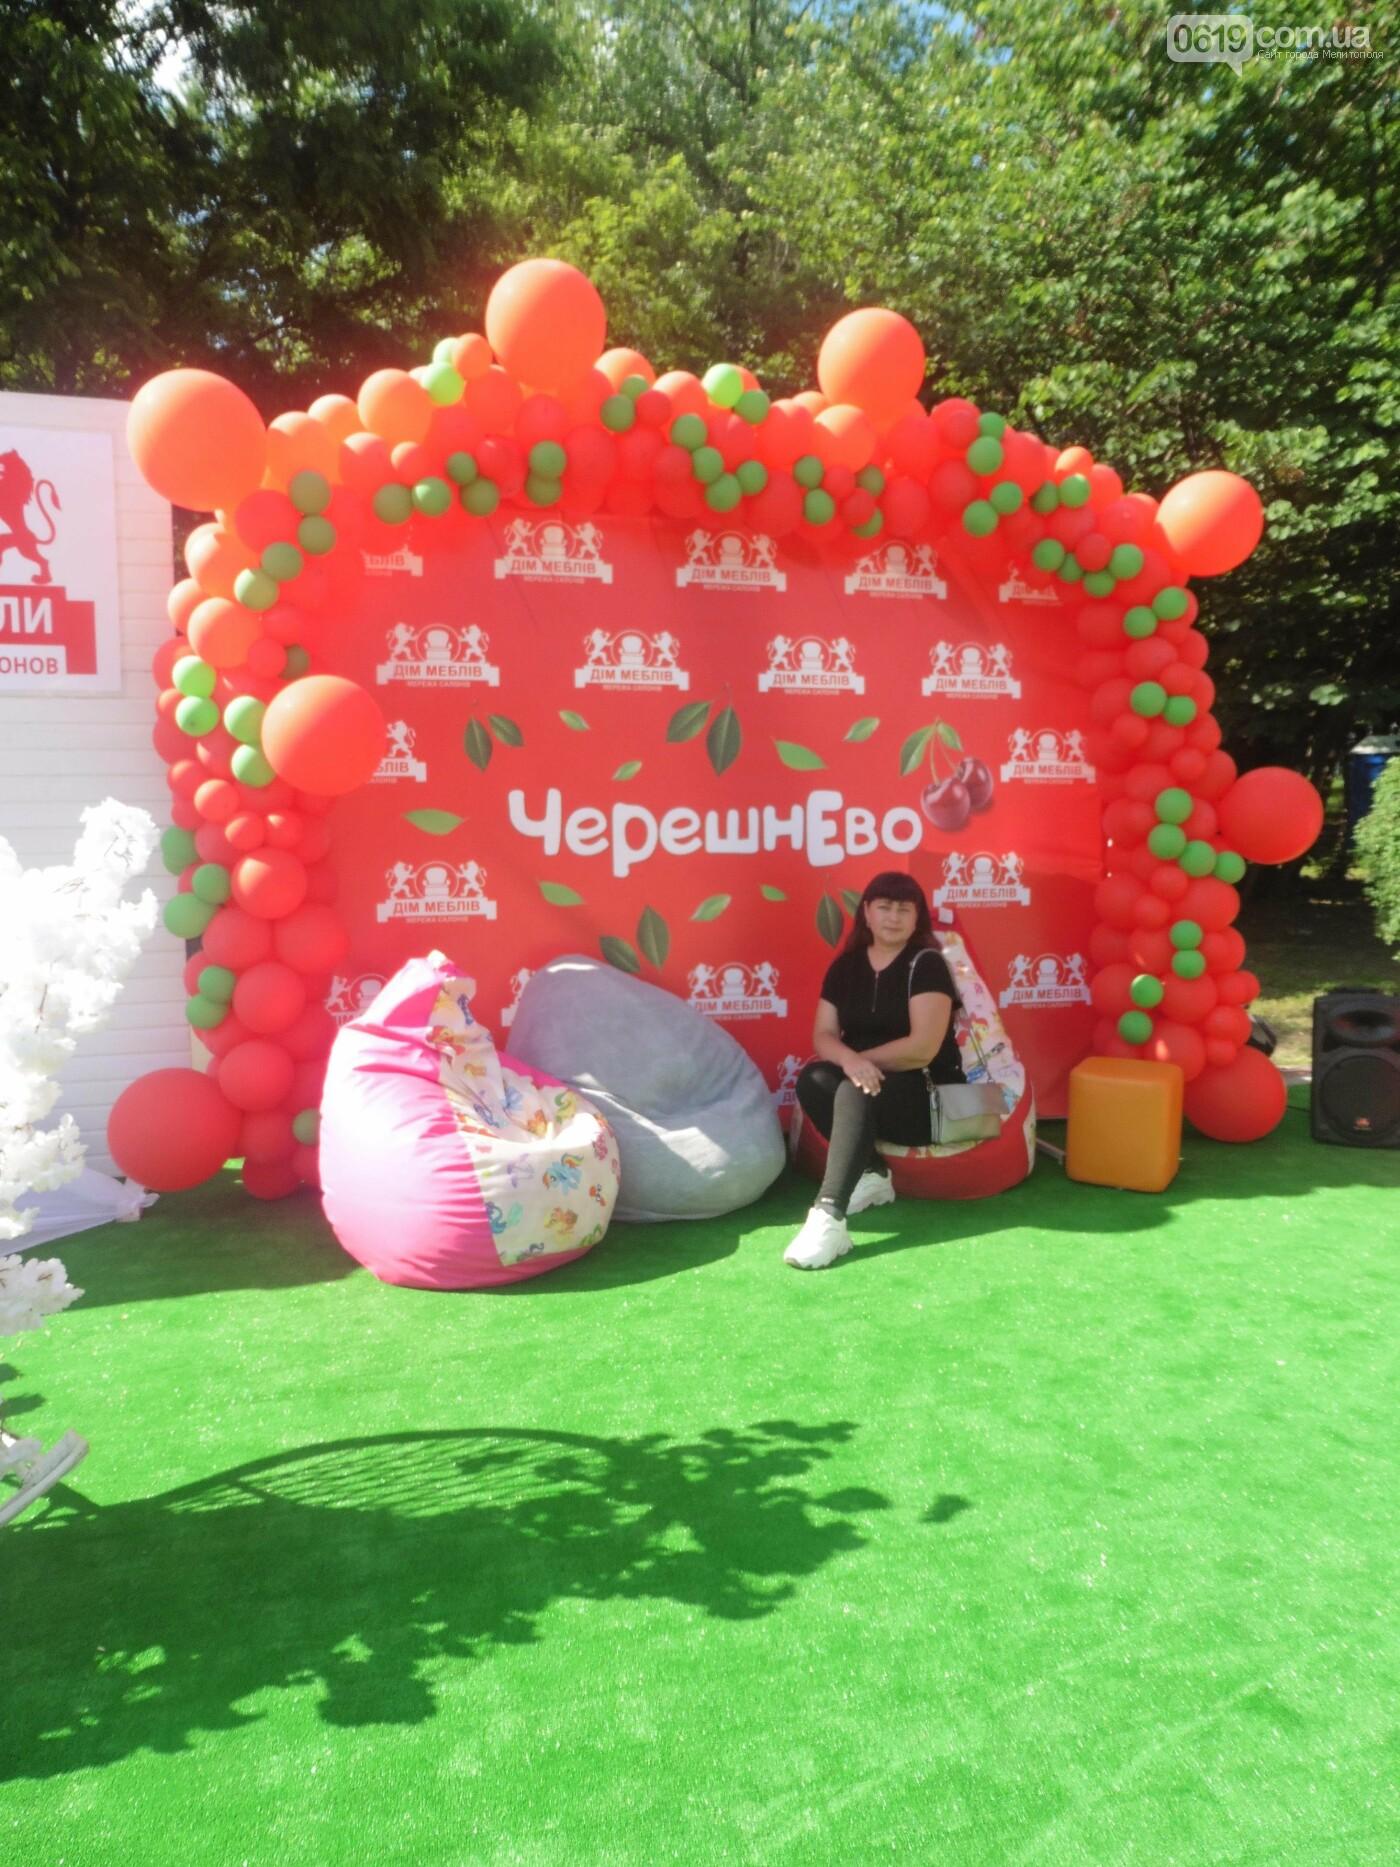 мелитополь фестиваль черешни